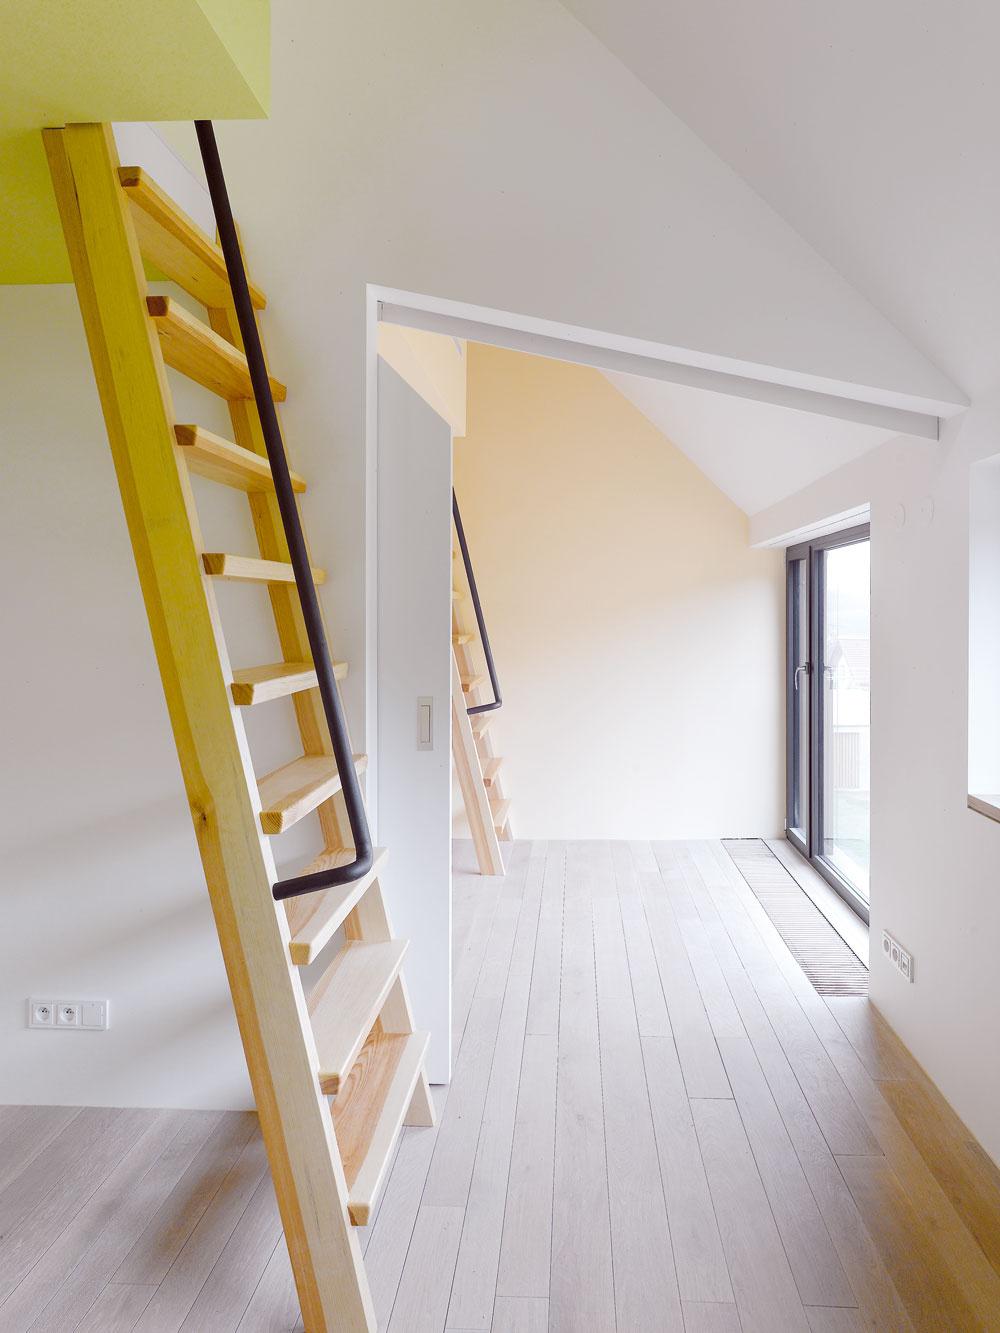 Všetky izby okrem jednej majú galériu – zašiváreň, či miesto na spanie, to závisí na obyvateľoch.